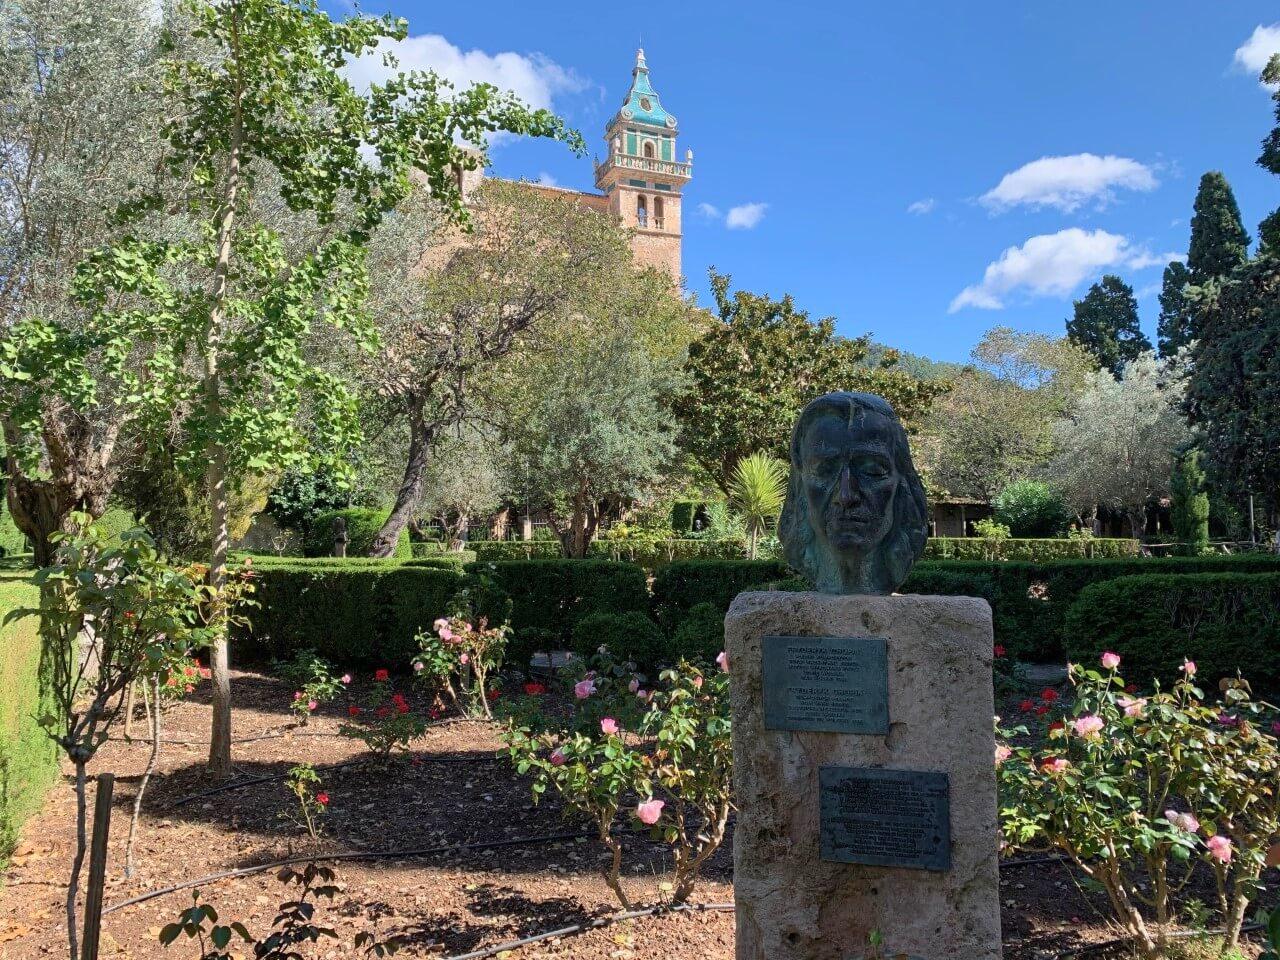 Busto de Chopin en los jardines